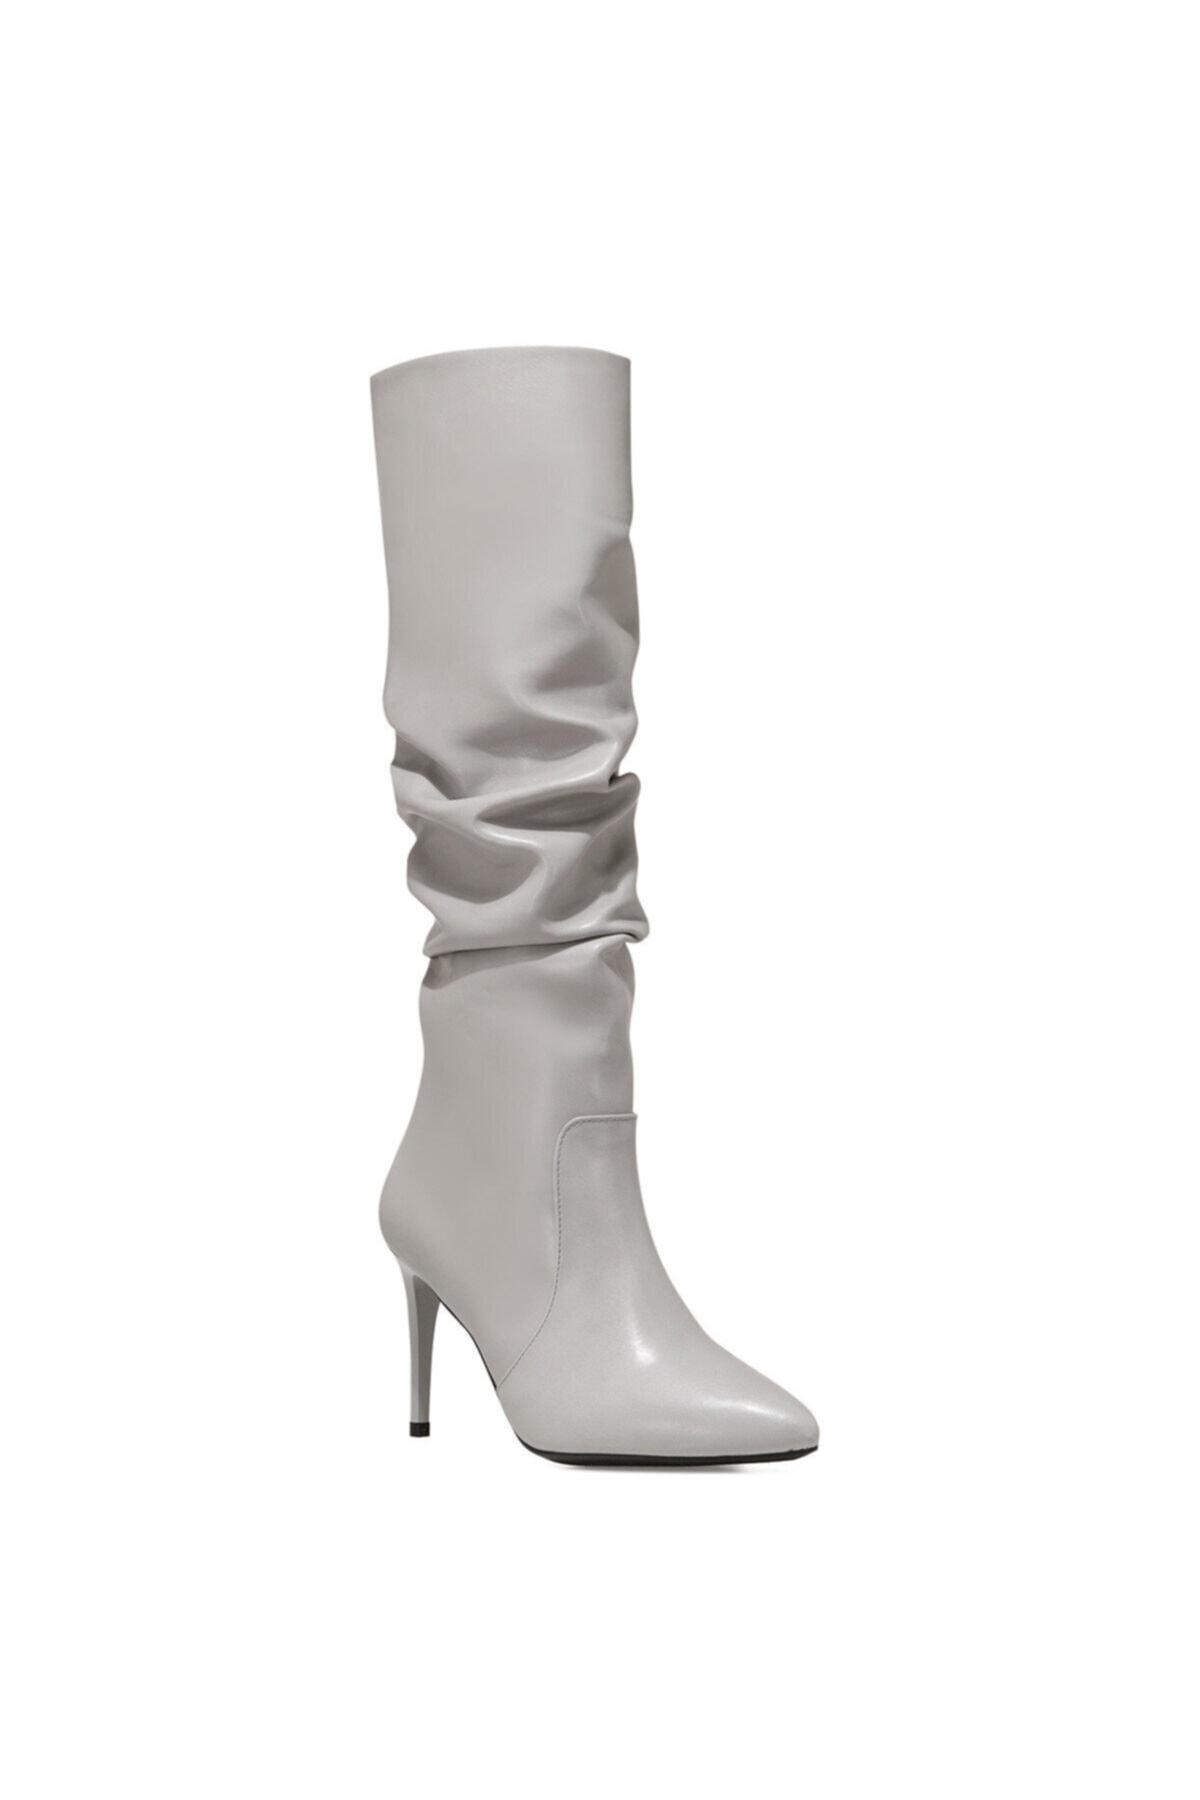 Nine West PINTO Gri Kadın Ökçeli Çizme 100582071 2